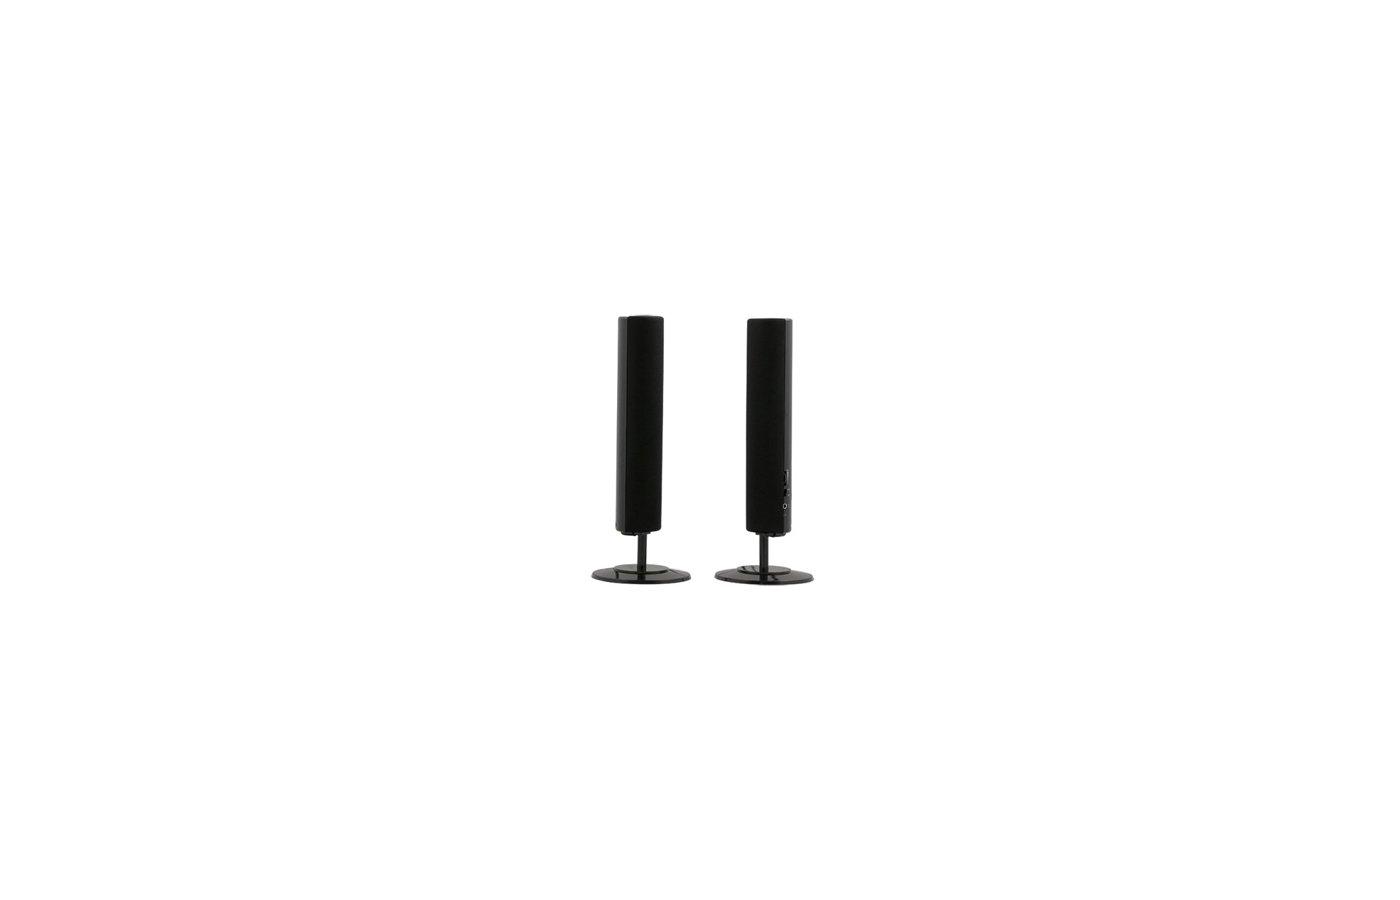 Компьютерные колонки SVEN 250 black